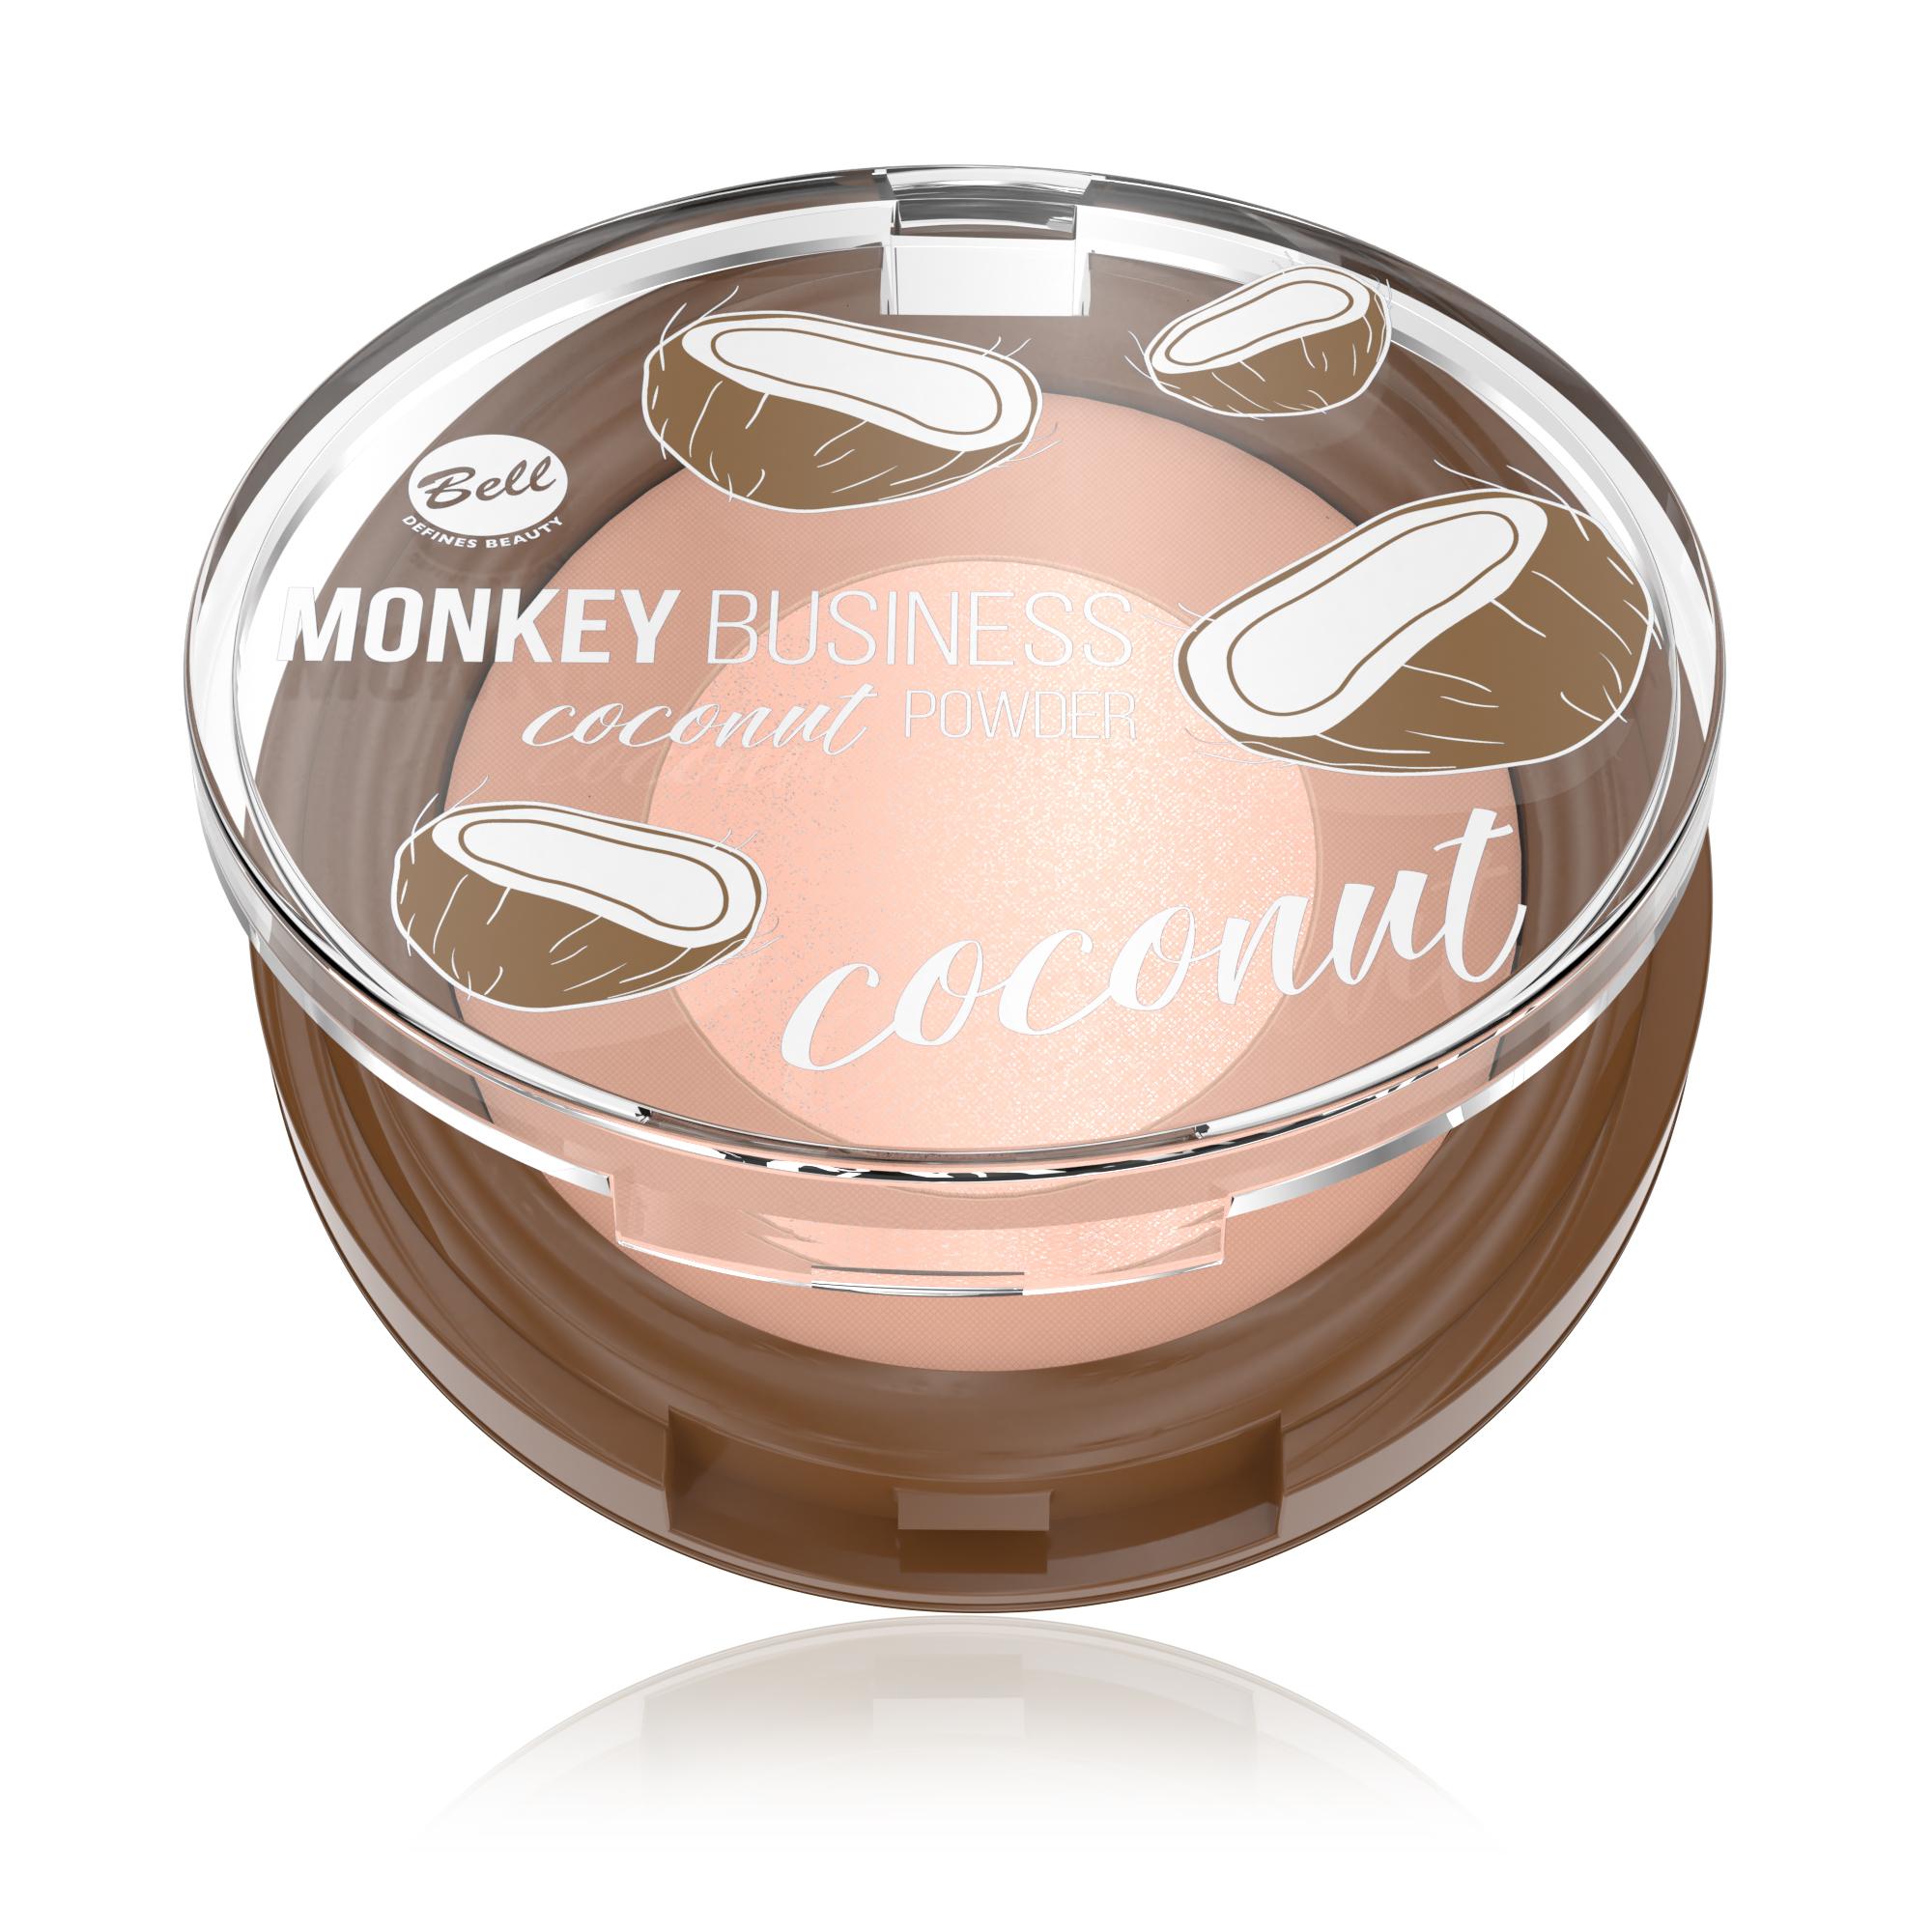 Monkey Business Coconut Powder